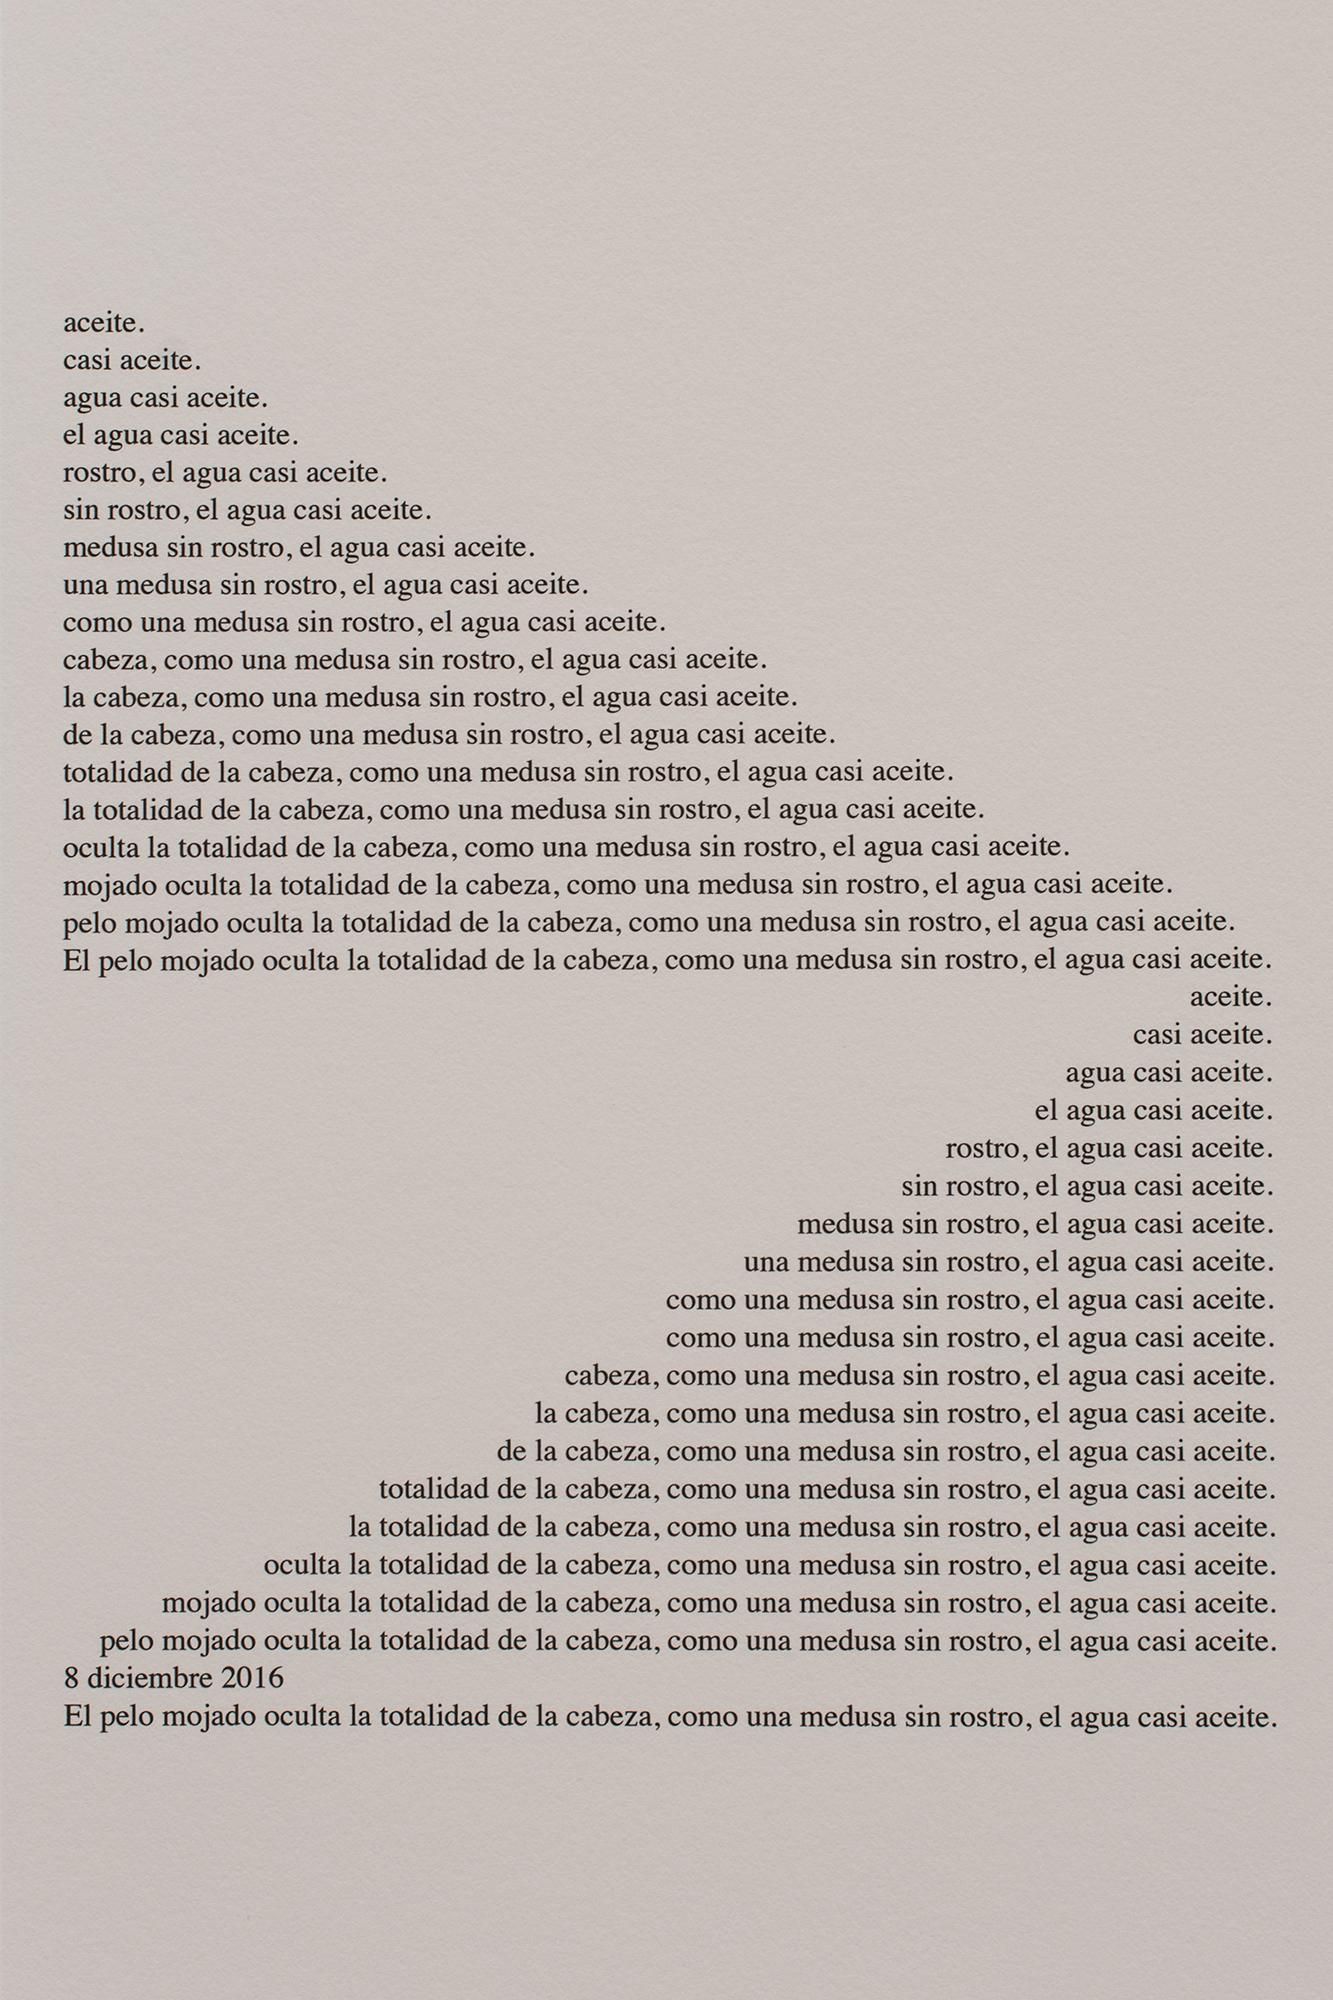 Itziar Okariz (2017) - Oscuros, como de noche